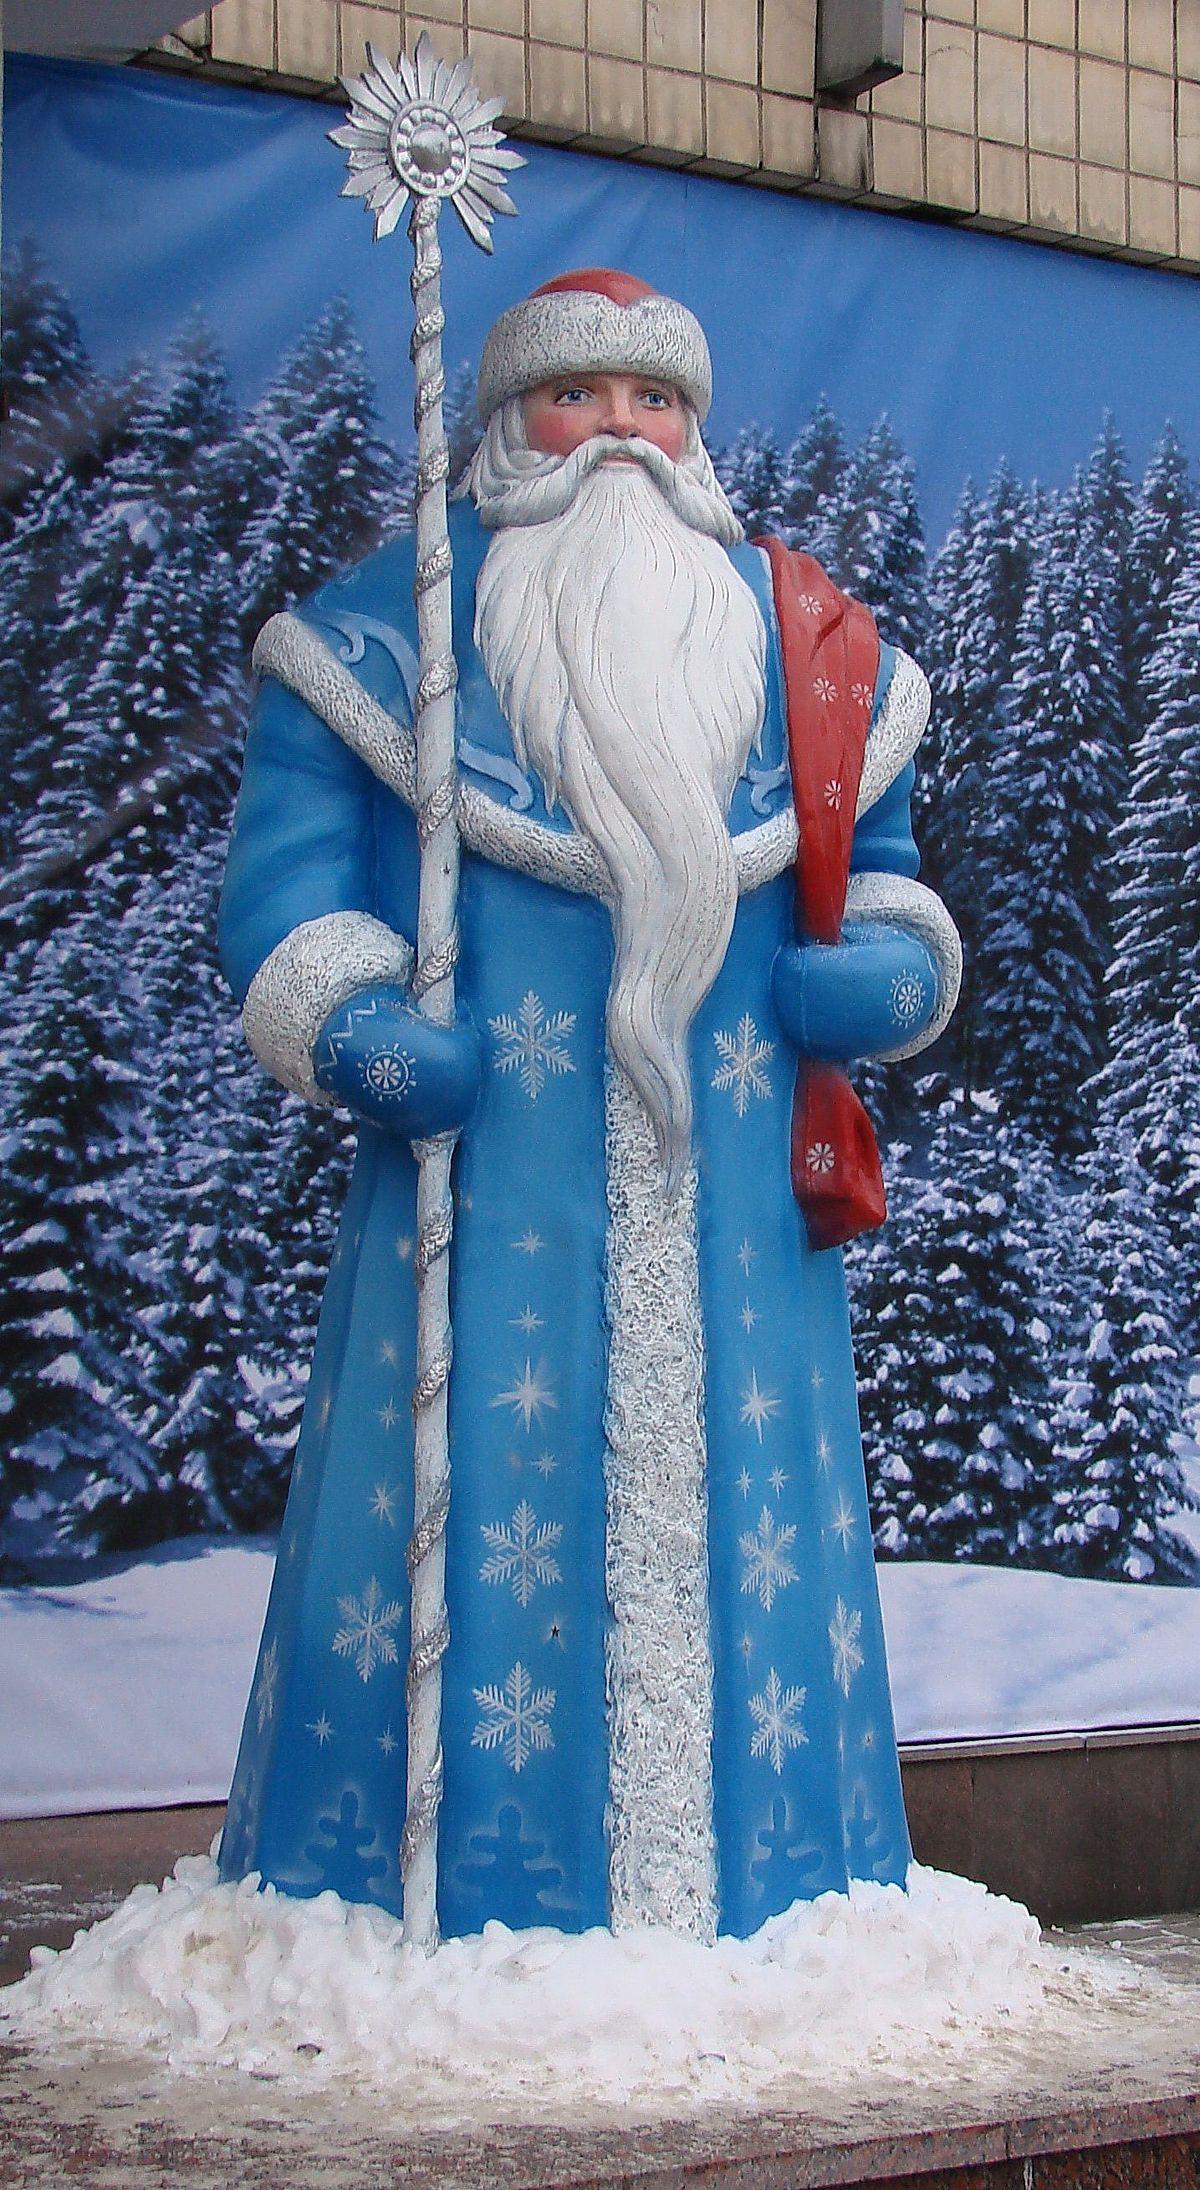 Ded Moroz